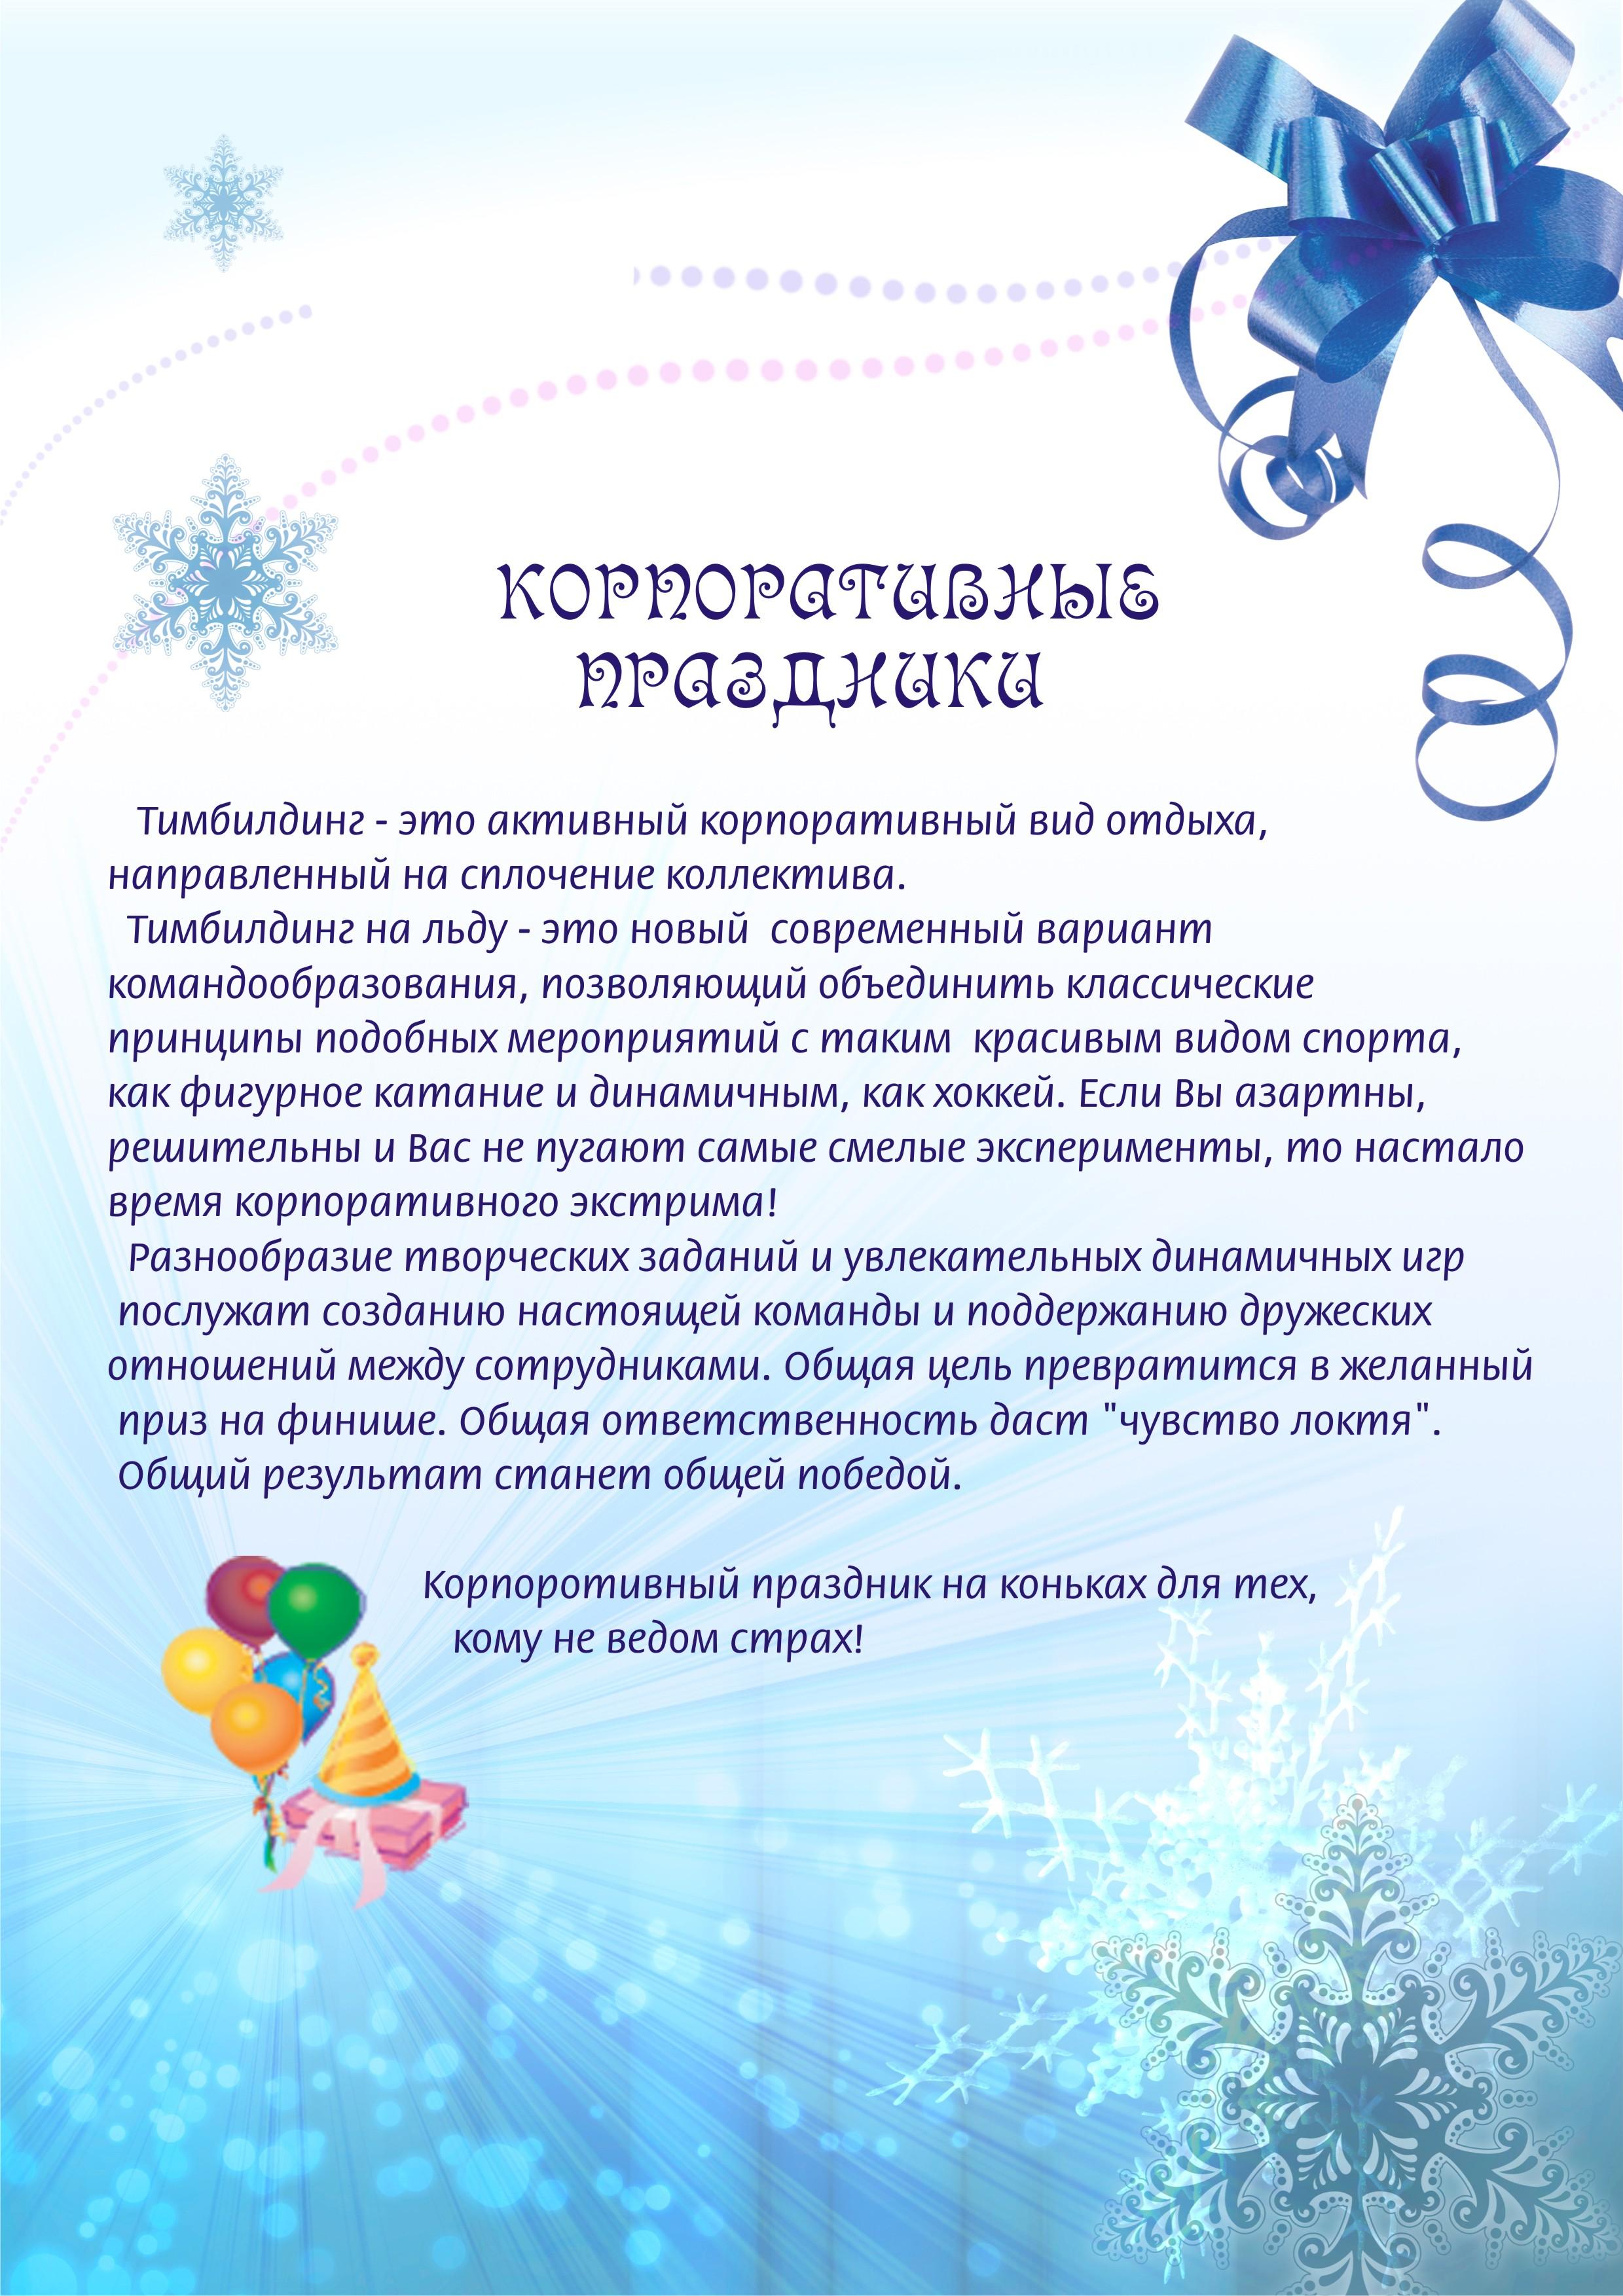 Корпоротивные праздники